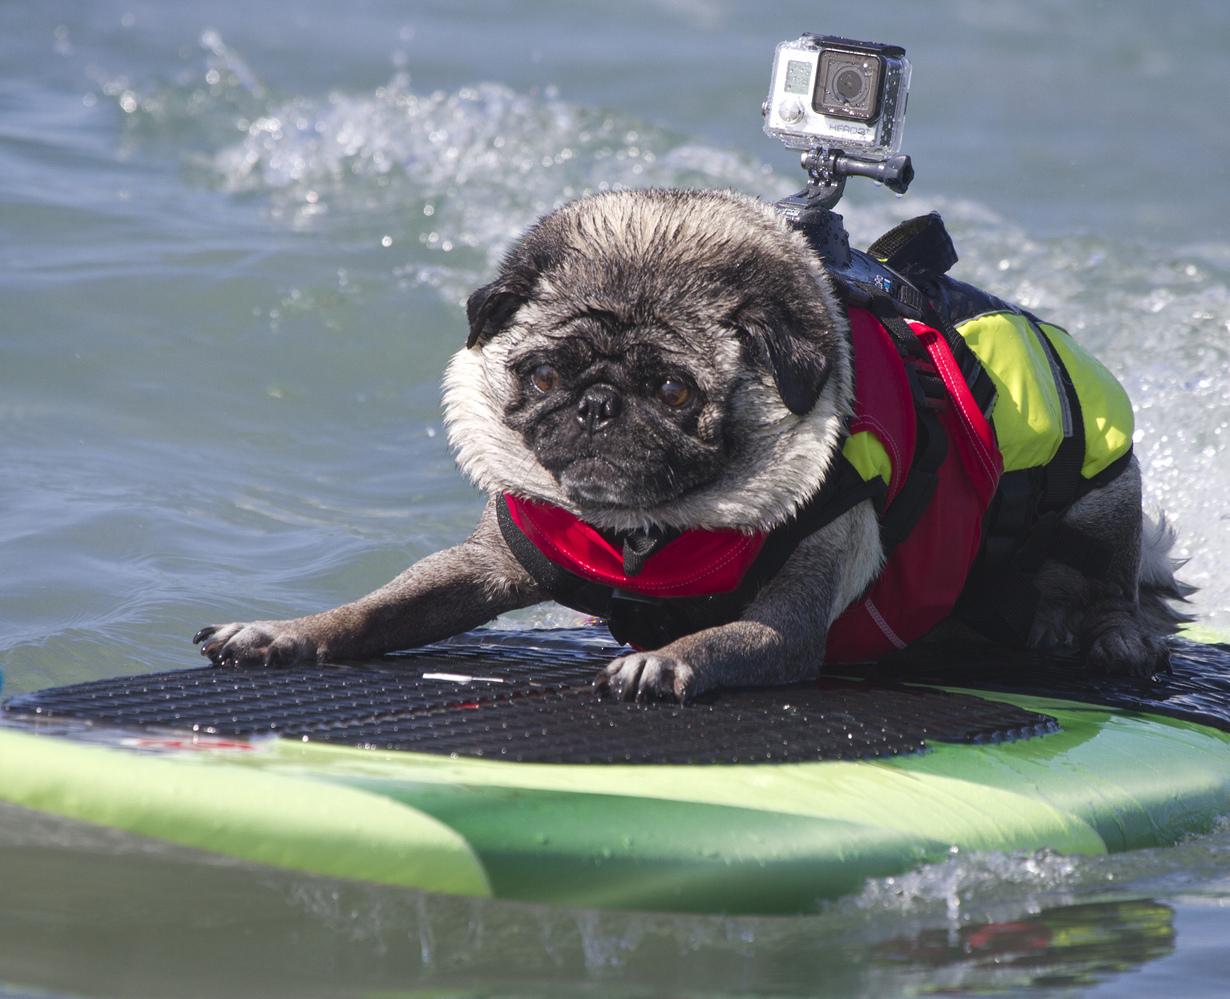 Собачий сёрфинг. Соревнования Surf Dog Surf-A-thon 2014 (15 фото) (15 фото)